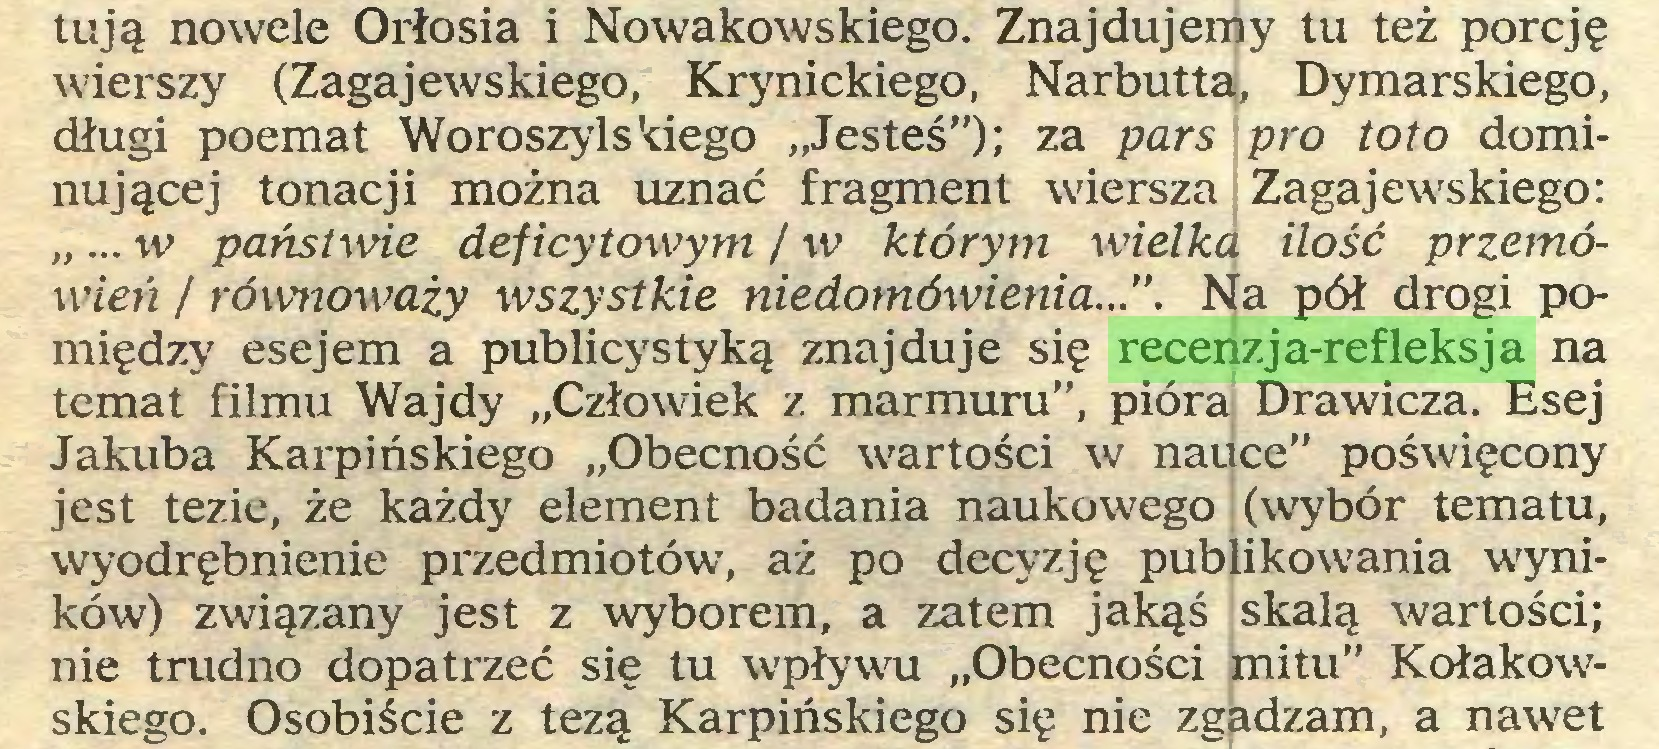 """(...) tują nowele Orłosia i Nowakowskiego. Znajdujemy tu też porcję wierszy (Zagajewskiego, Krynickiego, Narbutta, Dymarskiego, długi poemat Woroszylskiego """"Jesteś""""); za pars pro toto dominującej tonacji można uznać fragment wiersza Zagajewskiego: """"... w państwie deficytowym / w którym wielka ilość przemówień / równoważy wszystkie niedomówienia..."""". Na pół drogi pomiędzy esejem a publicystyką znajduje się recenzja-refleksja na temat filmu Wajdy """"Człowiek z marmuru"""", pióra Drawicza. Esej Jakuba Karpińskiego """"Obecność wartości w nauce"""" poświęcony jest tezie, że każdy element badania naukowego (wybór tematu, wyodrębnienie przedmiotów, aż po decyzję publikowania wyników) związany jest z wyborem, a zatem jakąś skalą wartości; nie trudno dopatrzeć się tu wpływu """"Obecności mitu"""" Kołakowskiego. Osobiście z tezą Karpińskiego się nie zgadzam, a nawet..."""